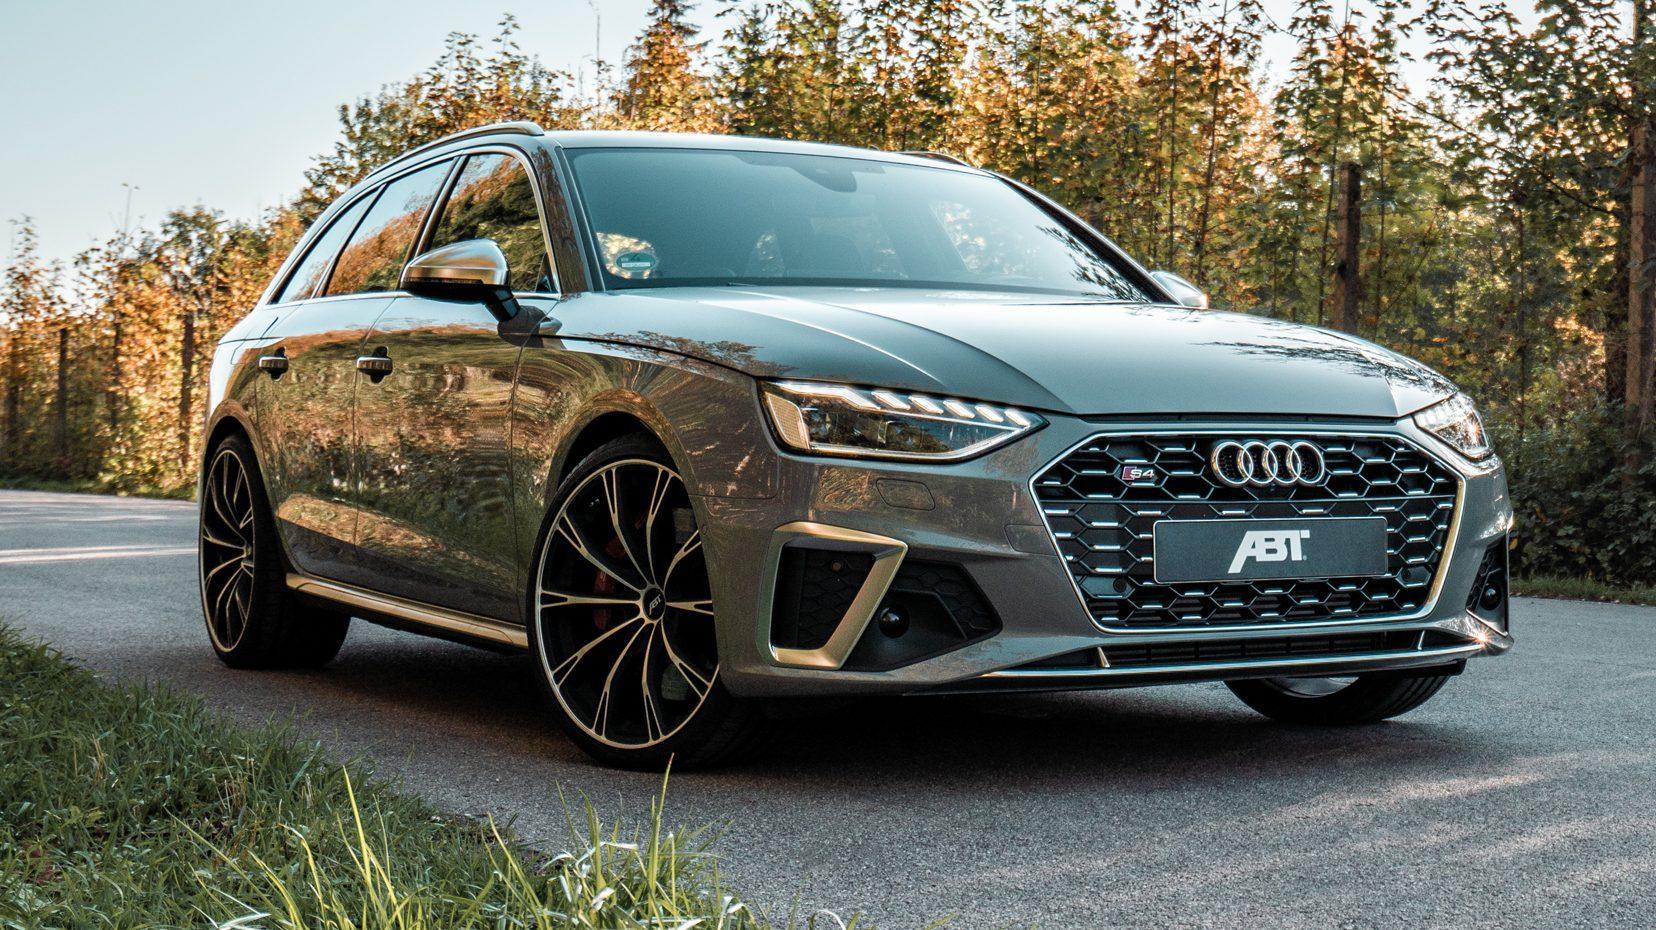 Abt Audi S4 drie kwart voor op weg